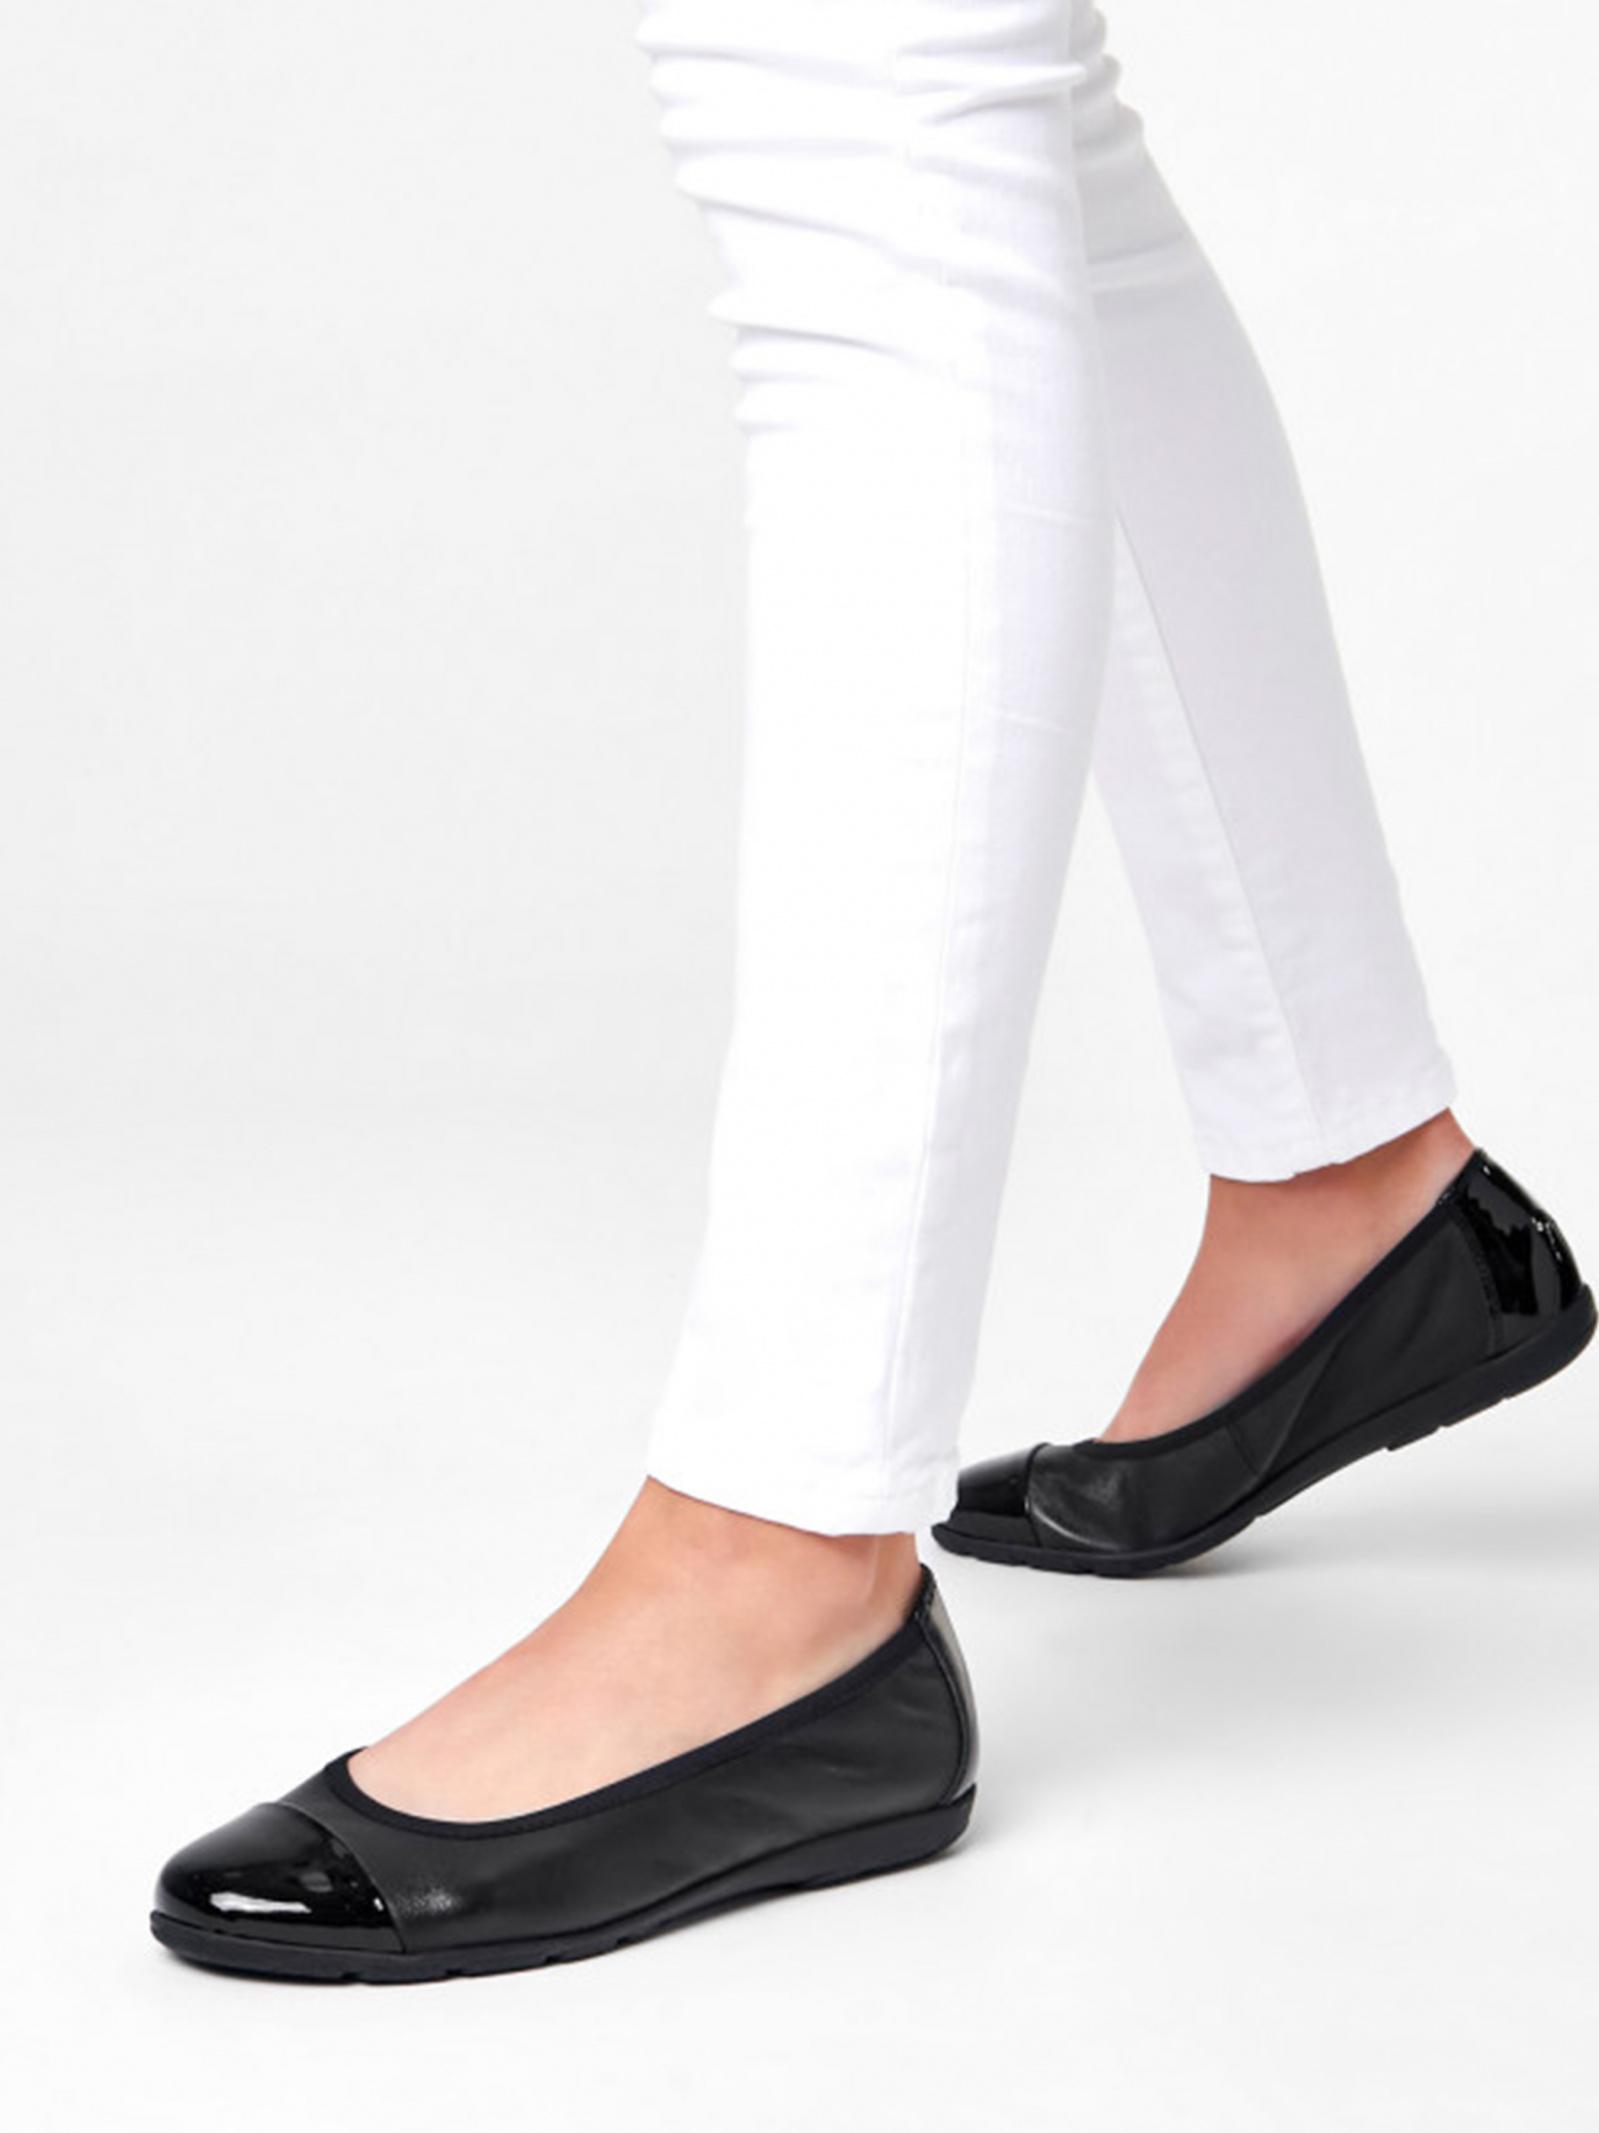 Балетки  жіночі Caprice 9-9-22152-25 019 BLACK COMB брендове взуття, 2017